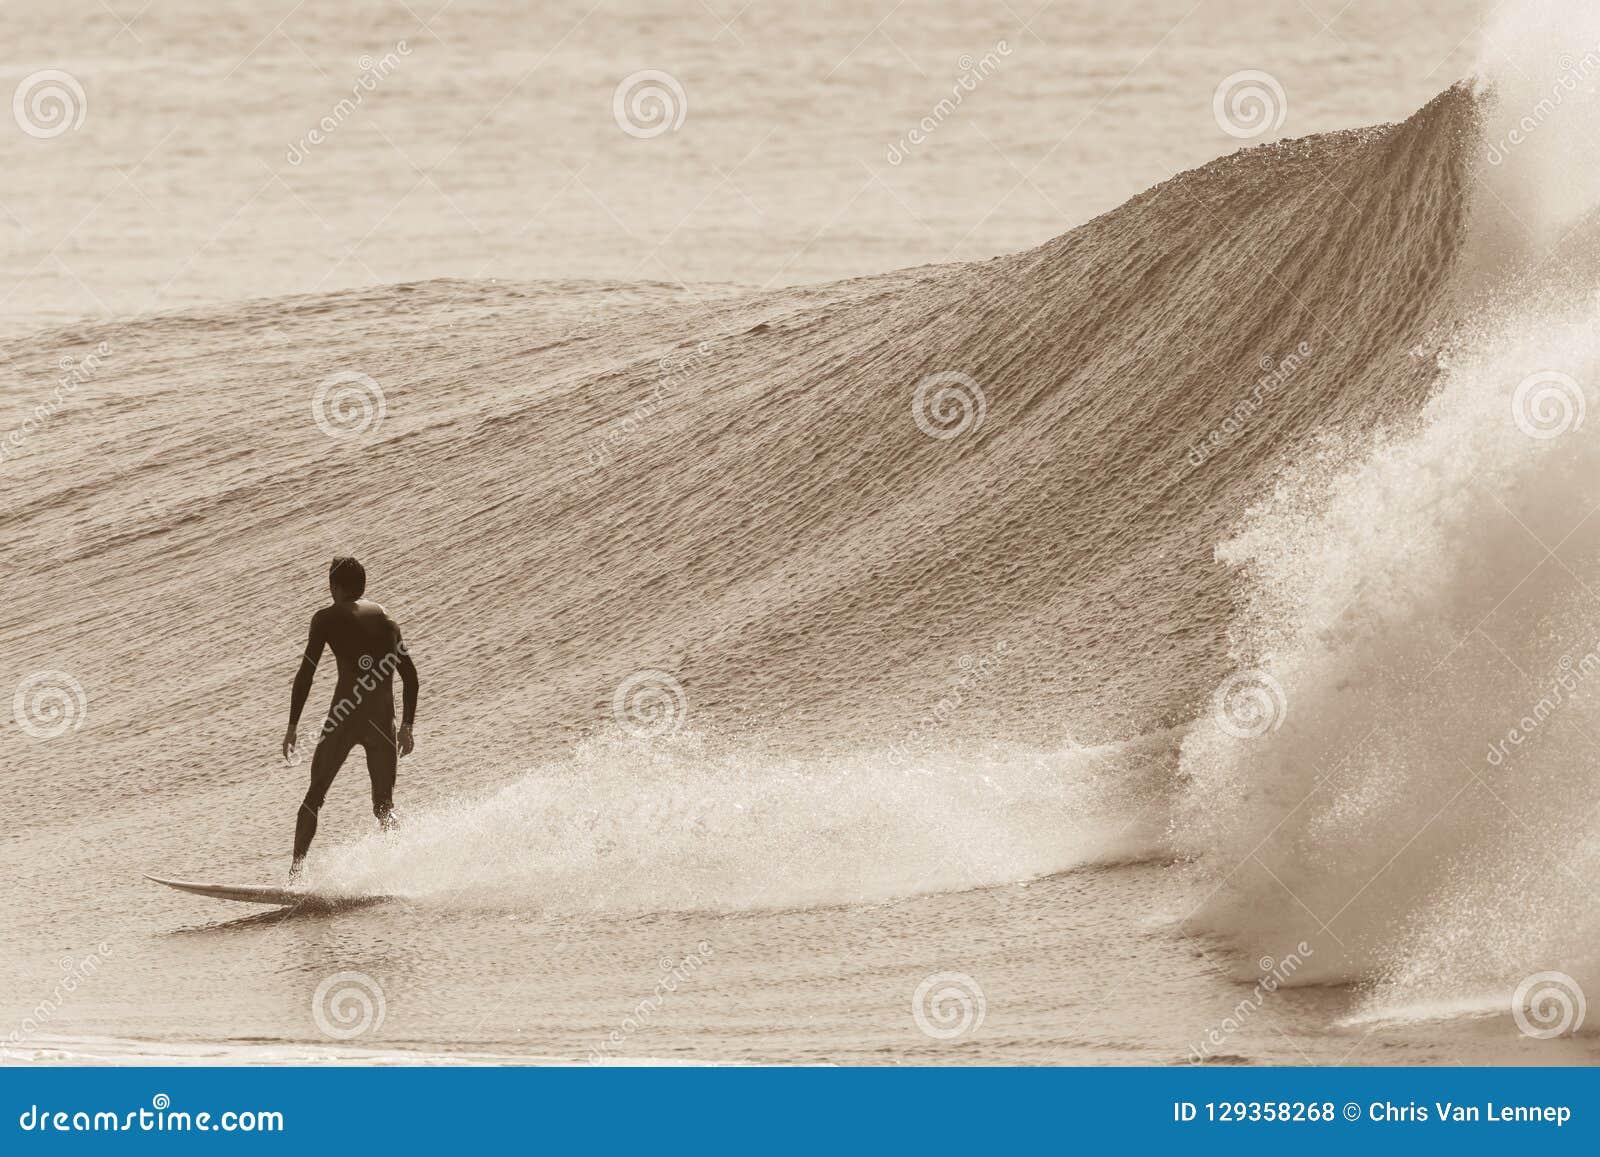 Surfare som surfar Sepiavåghandling